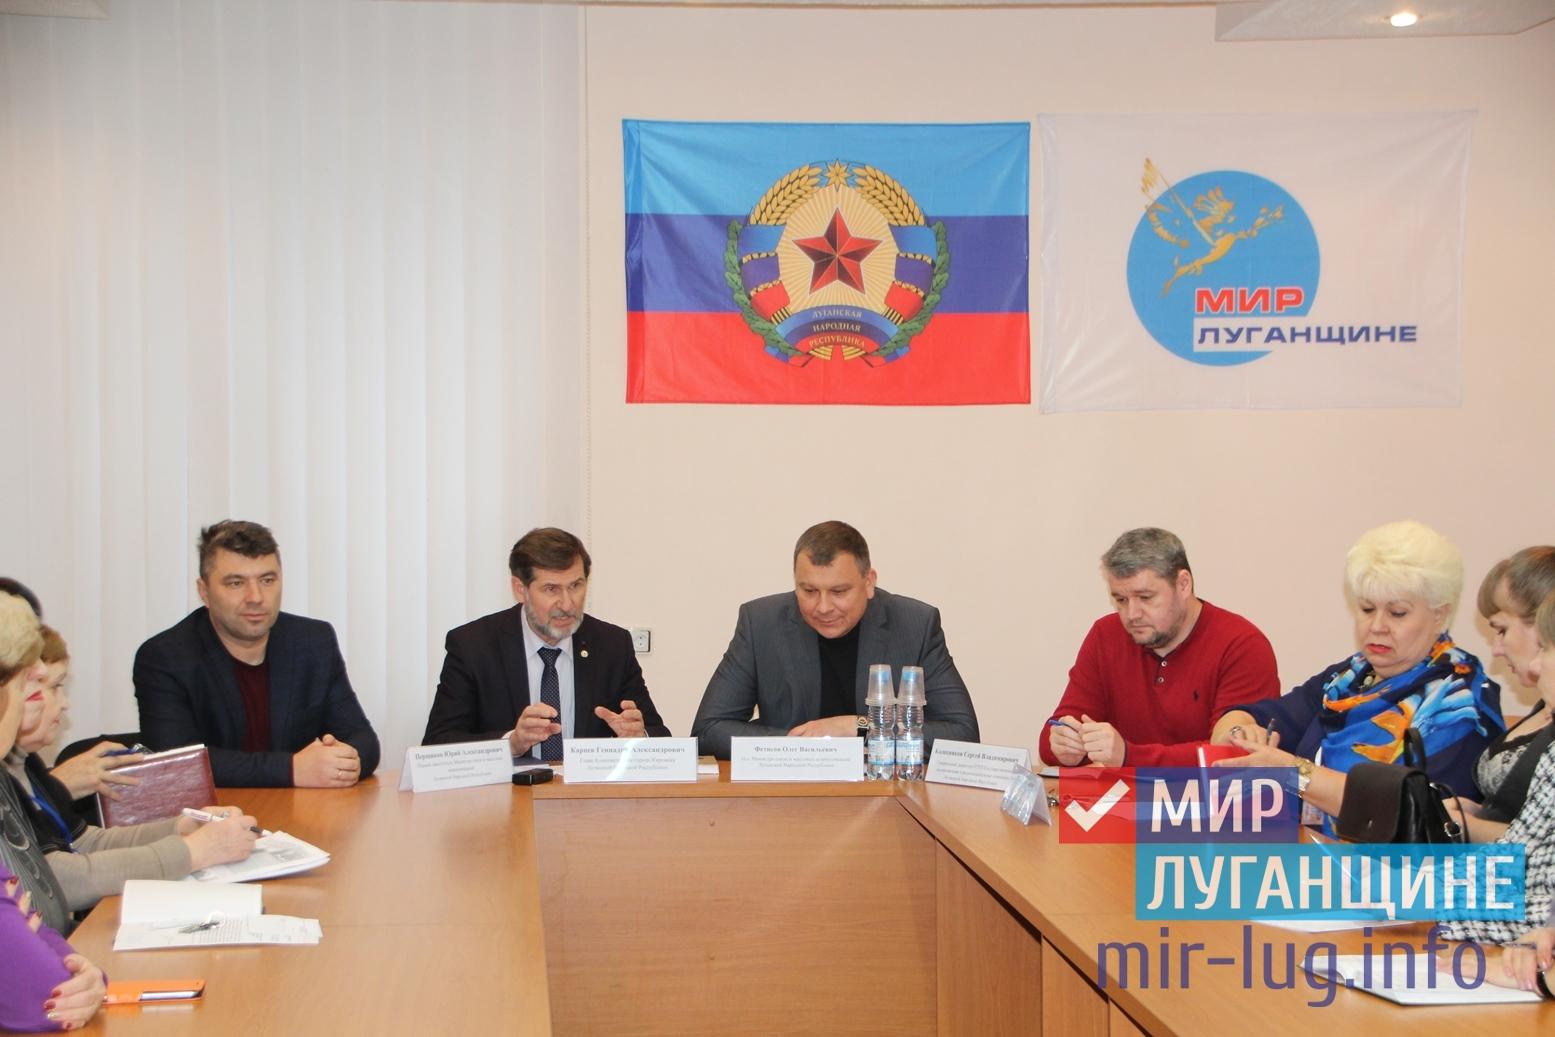 Руководство минкомсвязи провело прием граждан в Кировске 1